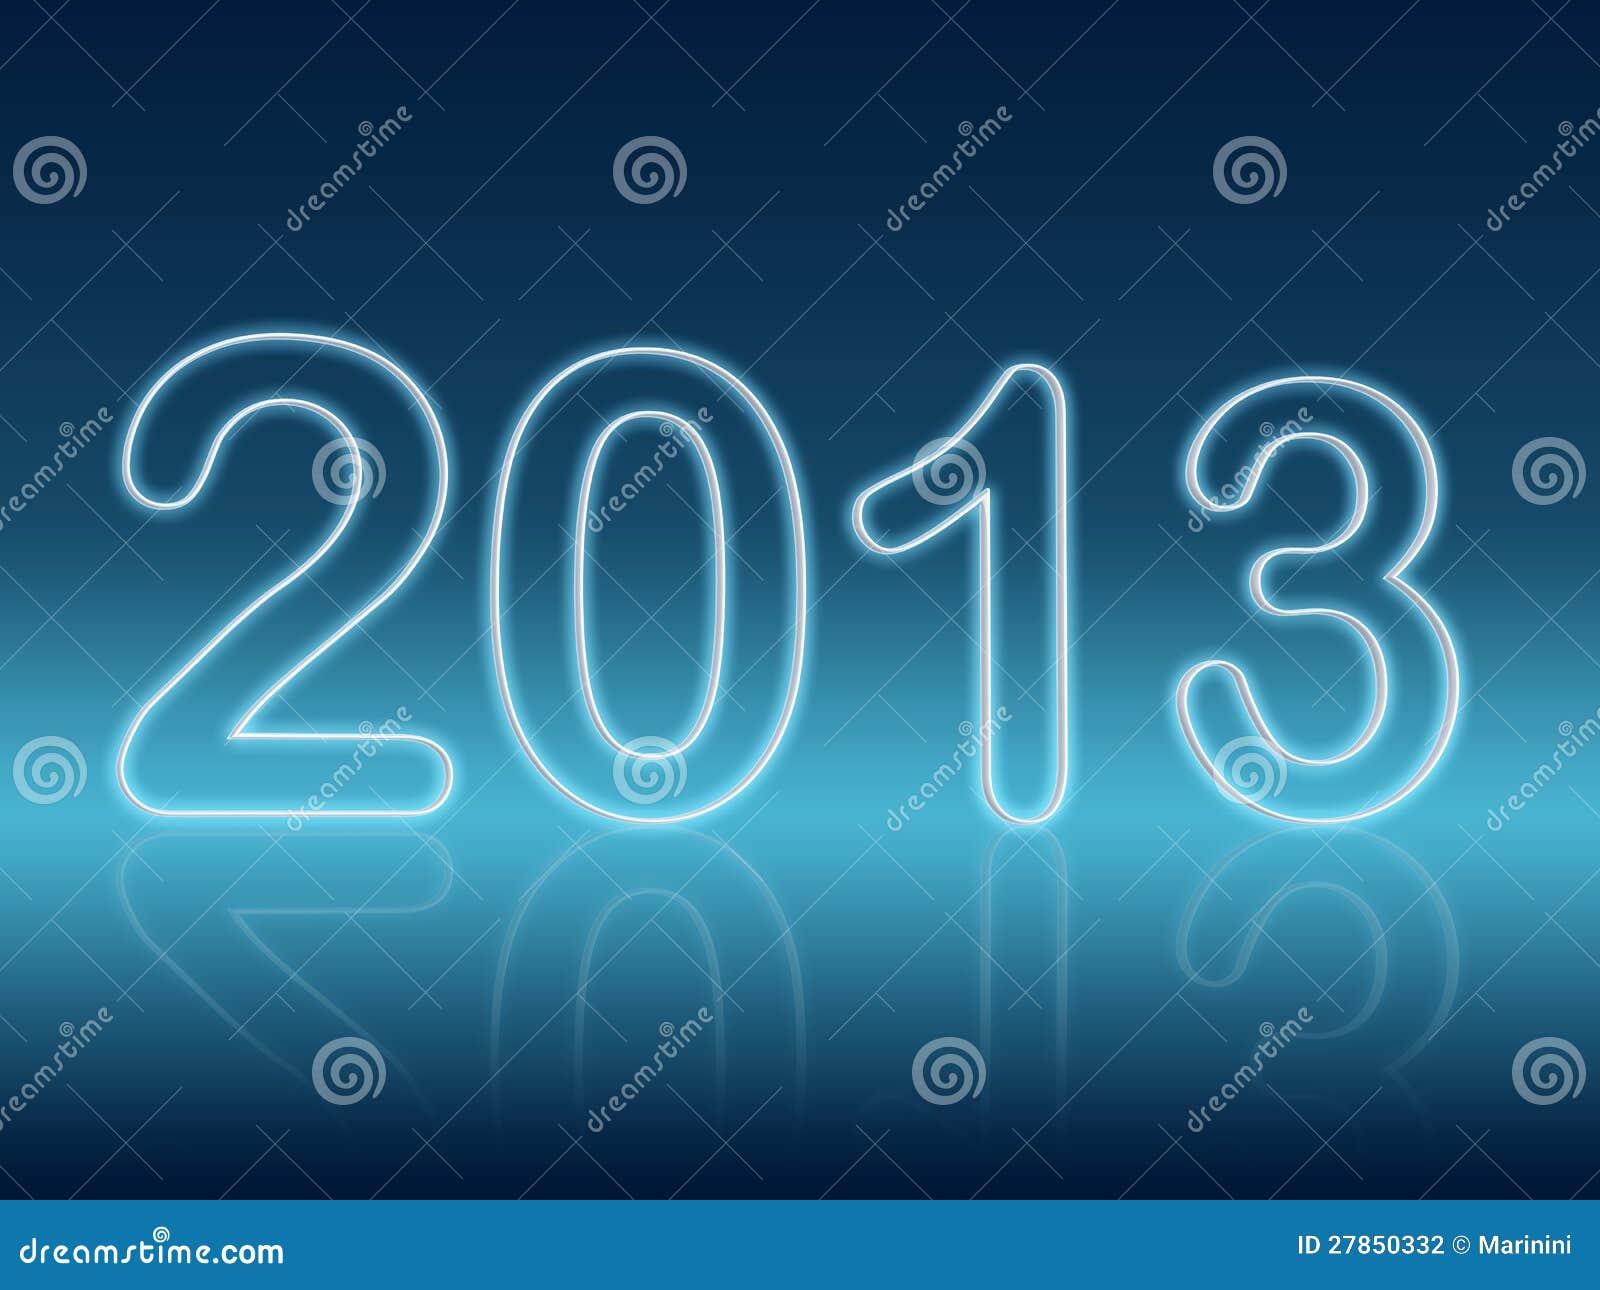 Rok w błękitny olśniewających postaciach 2013